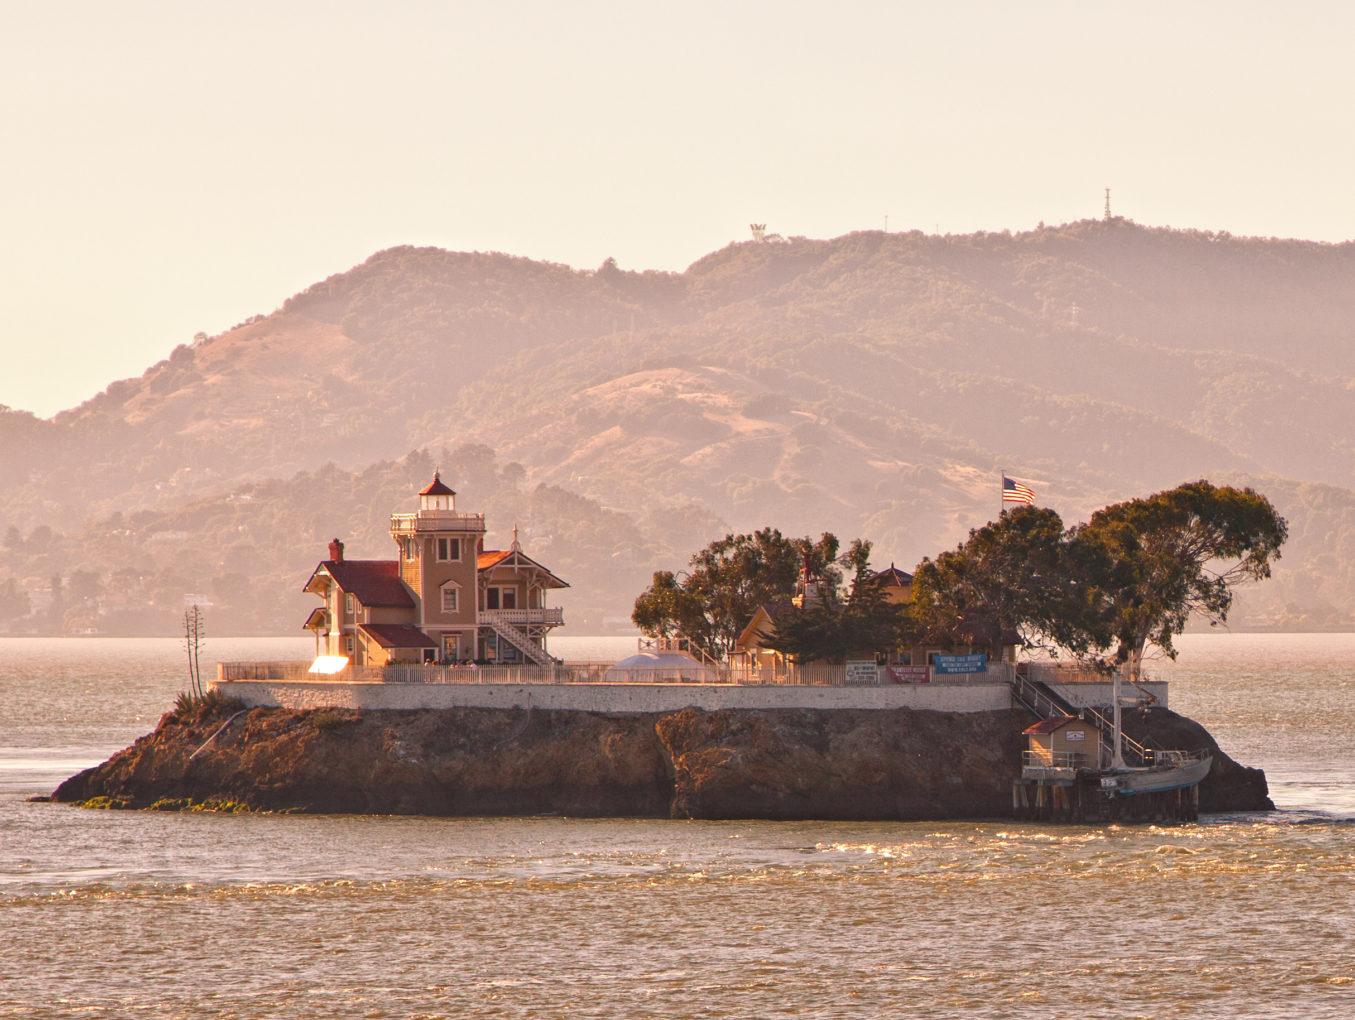 Стать смотрителем острова на США предлагают за 130 000 долларов